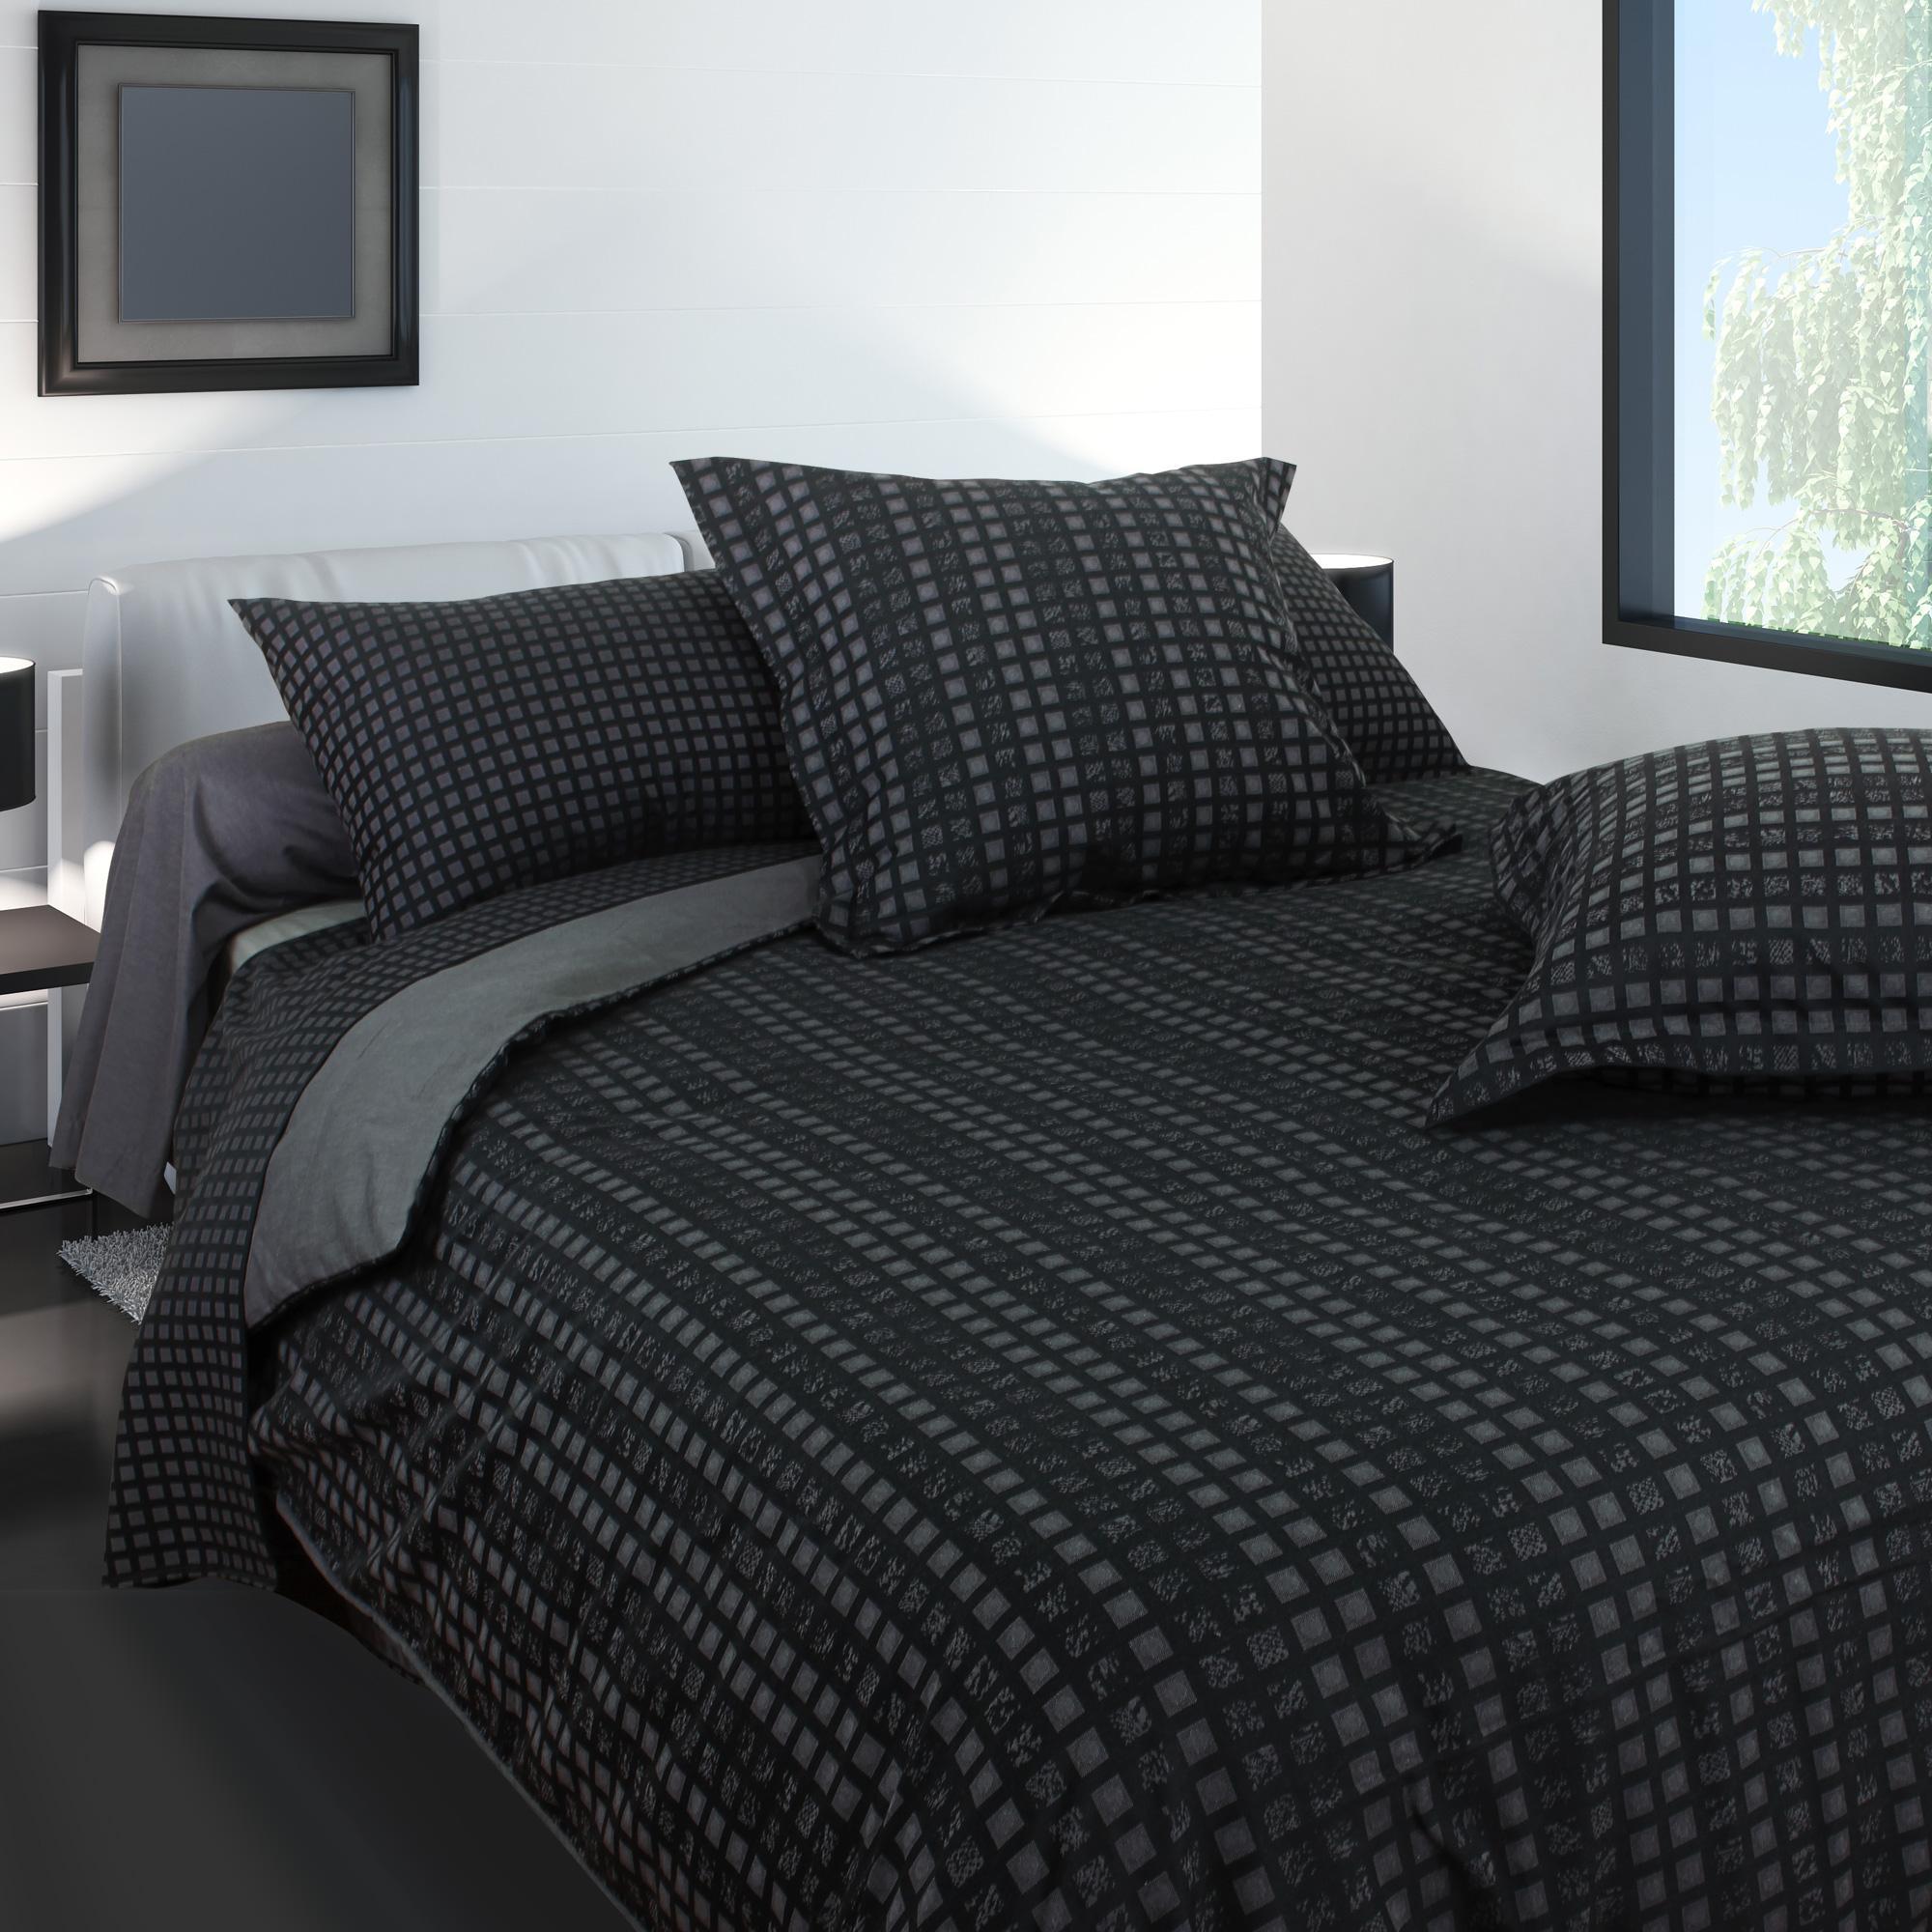 taie d 39 oreiller 70x50 satin de coton trocadero gris anthracite eur 21 13 picclick fr. Black Bedroom Furniture Sets. Home Design Ideas